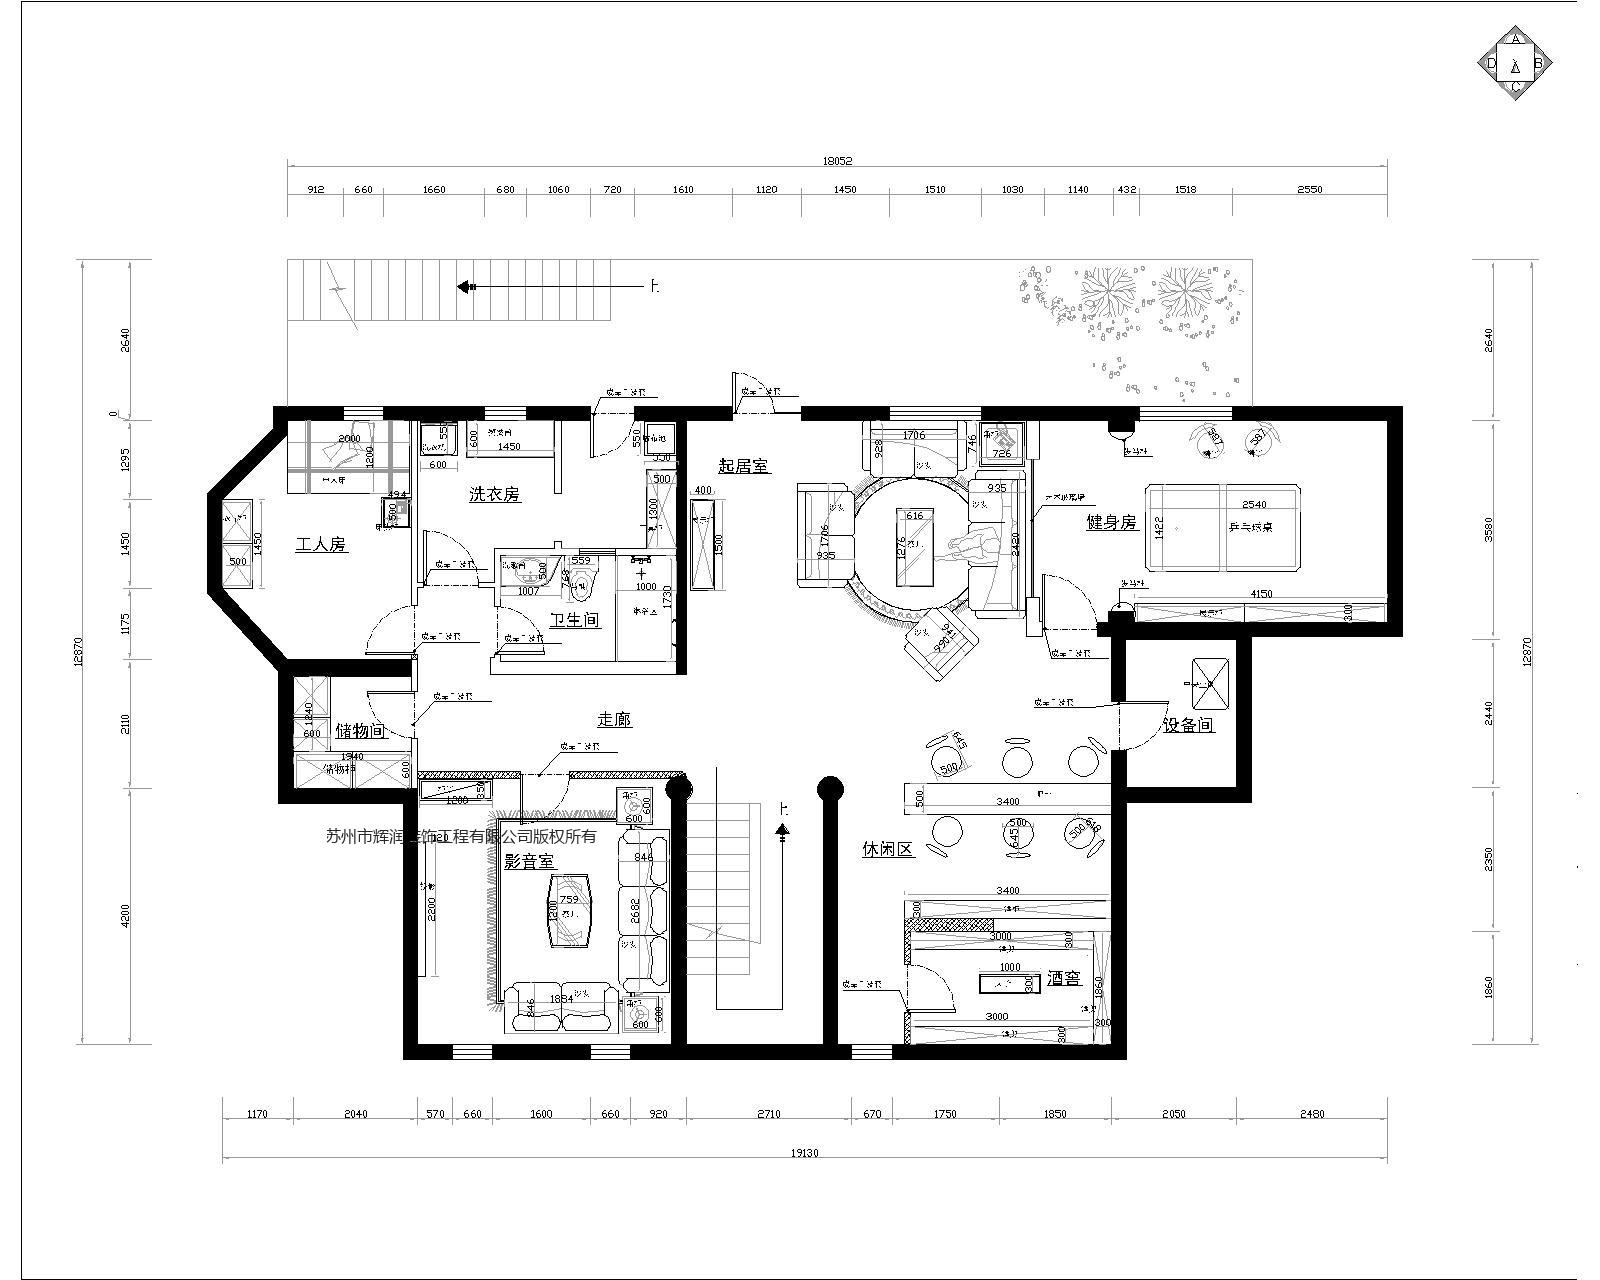 别墅案例图库之精致是一种生活态度布置图